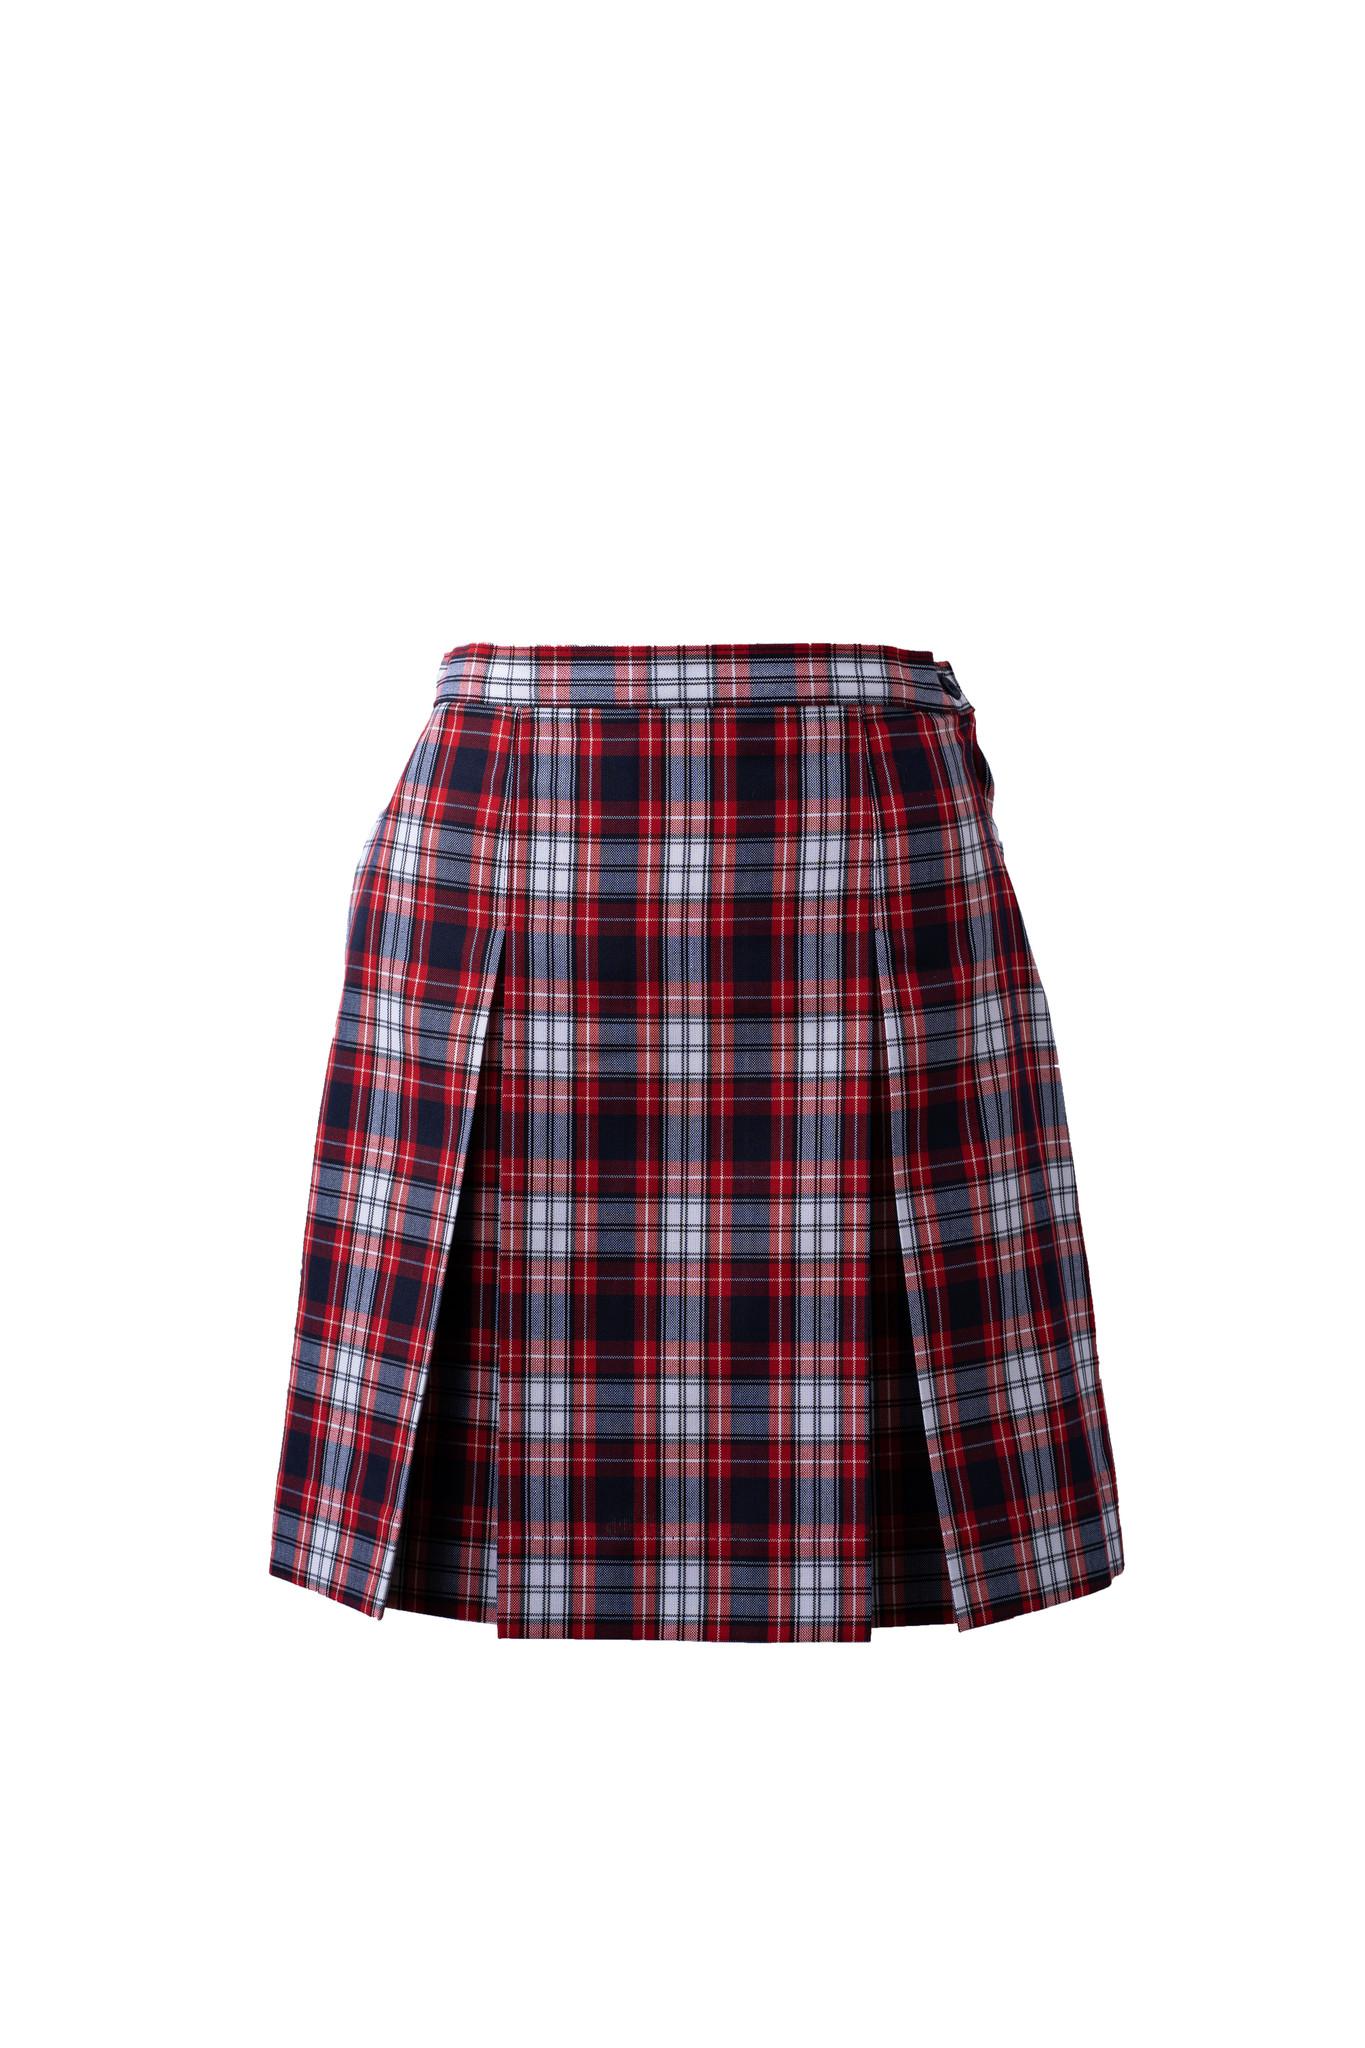 St. Anthony School Skirt